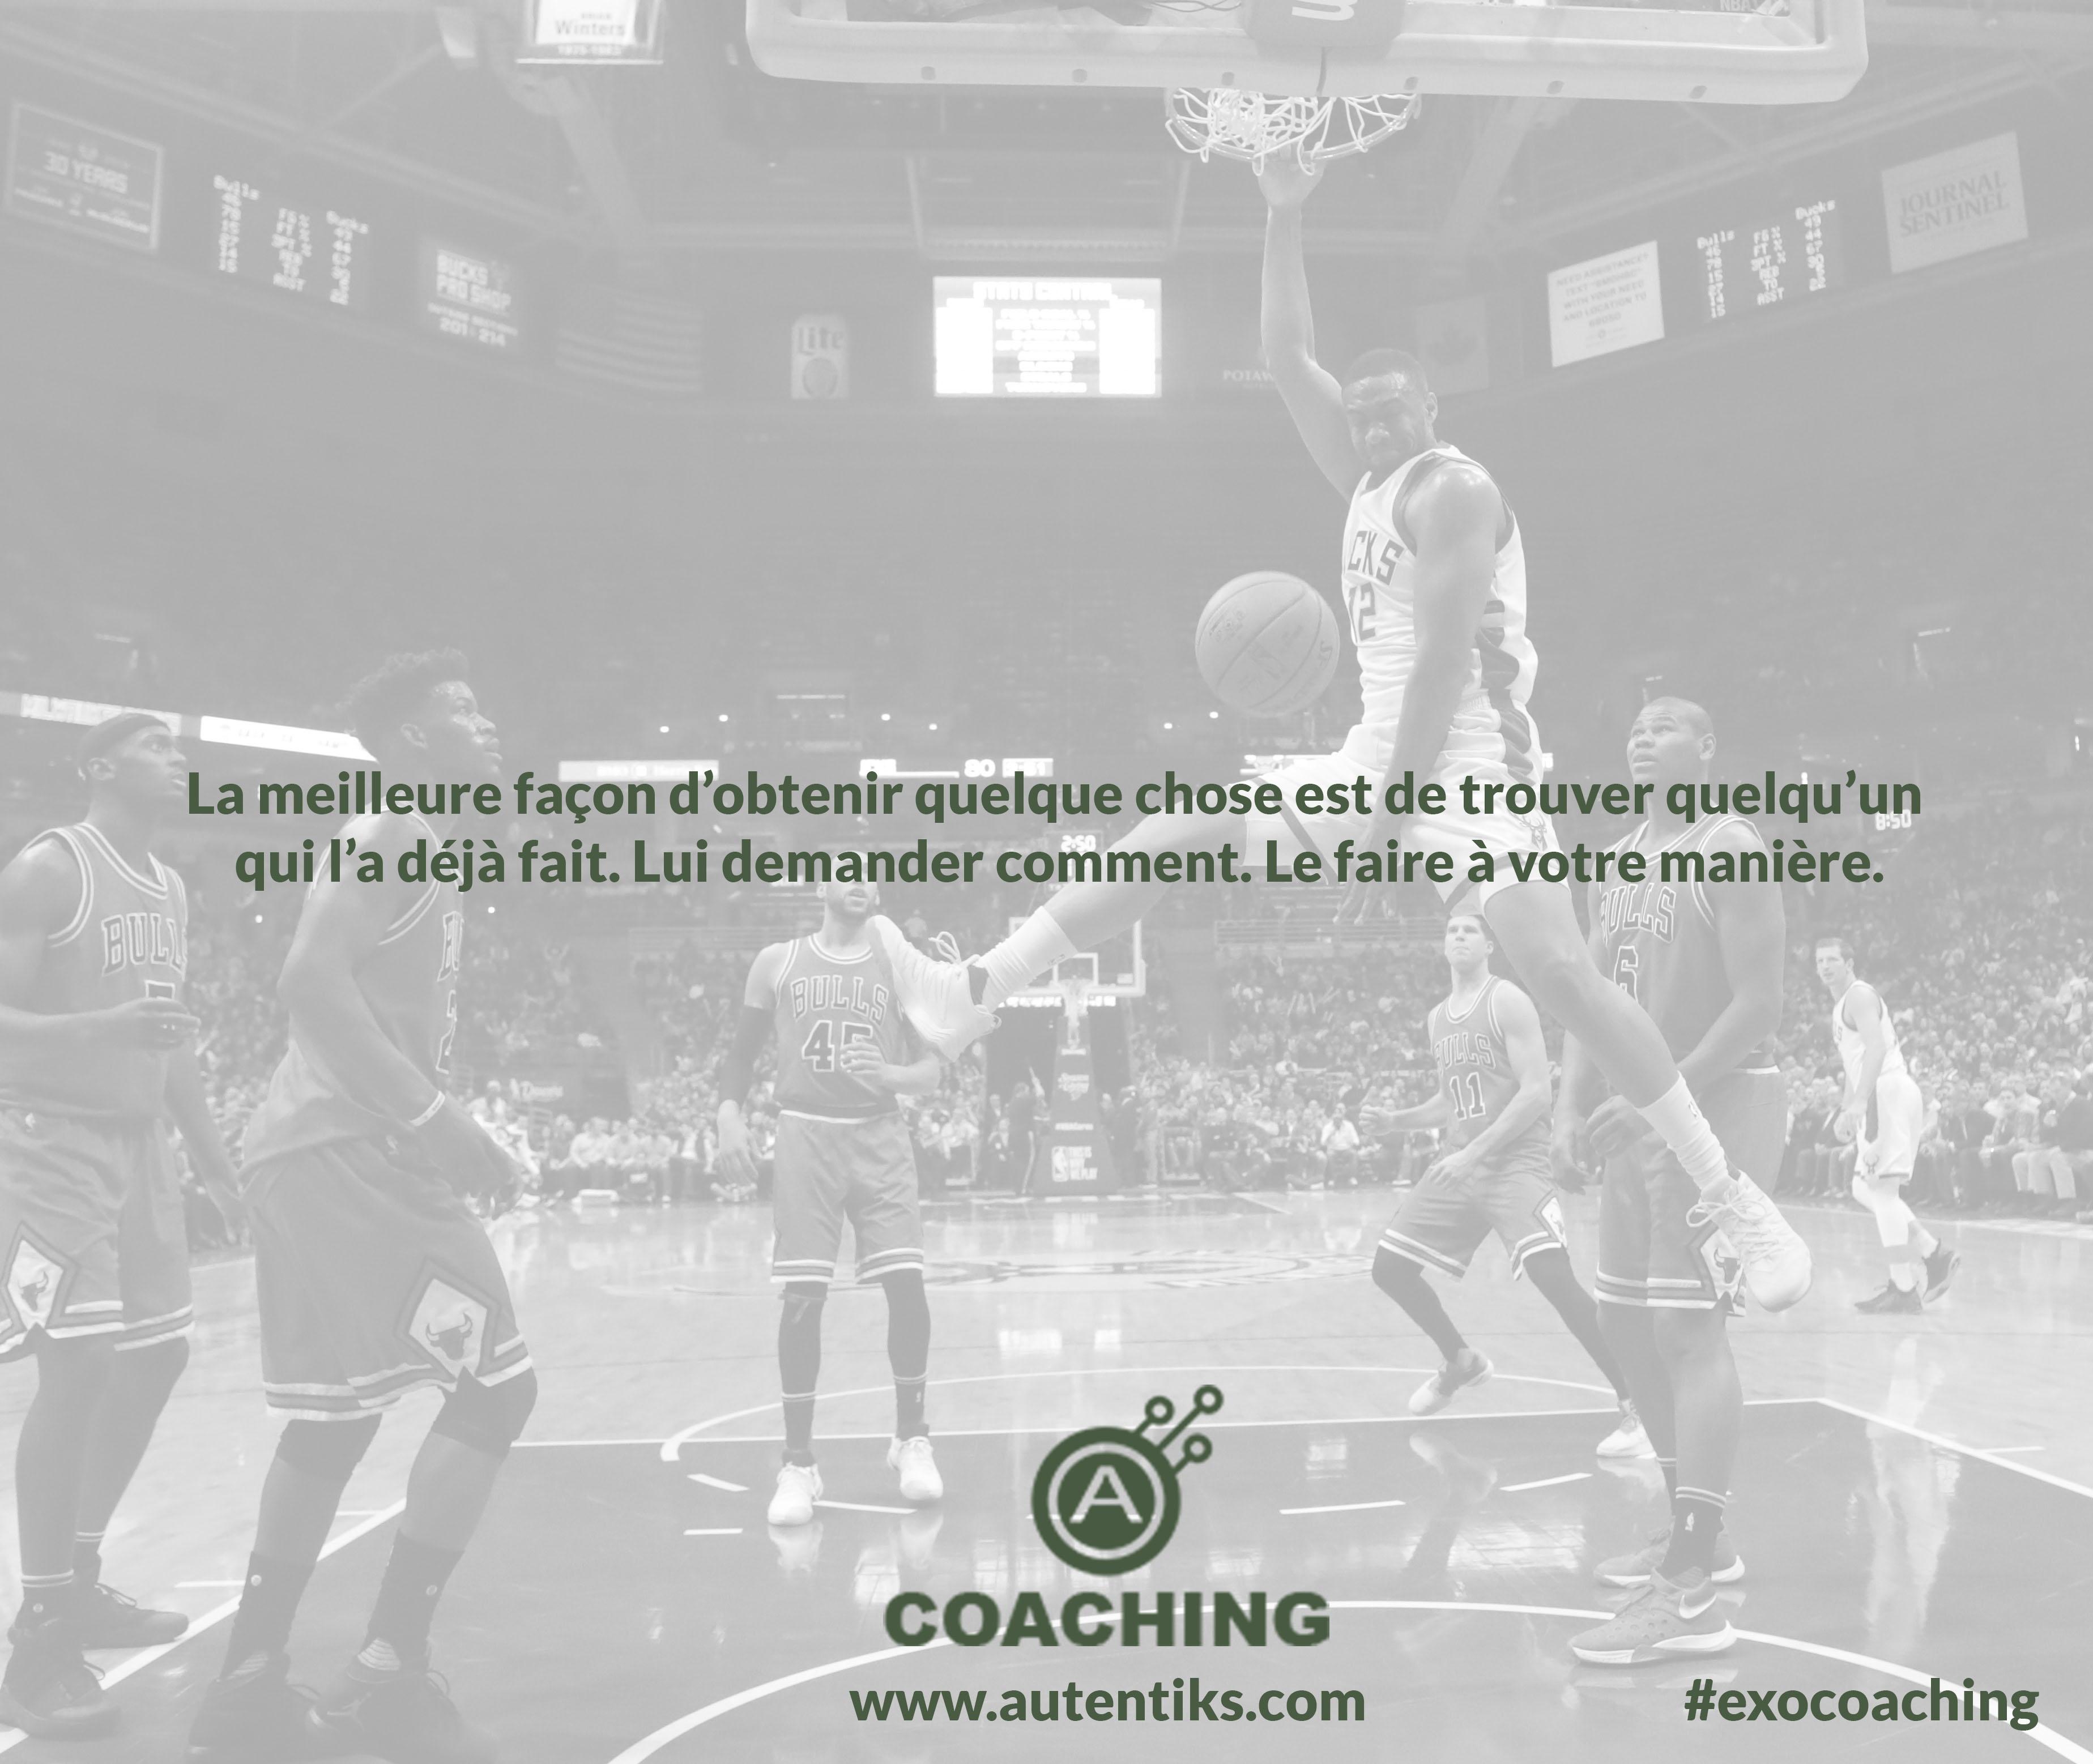 Semaine 12 – Exercice de Coaching